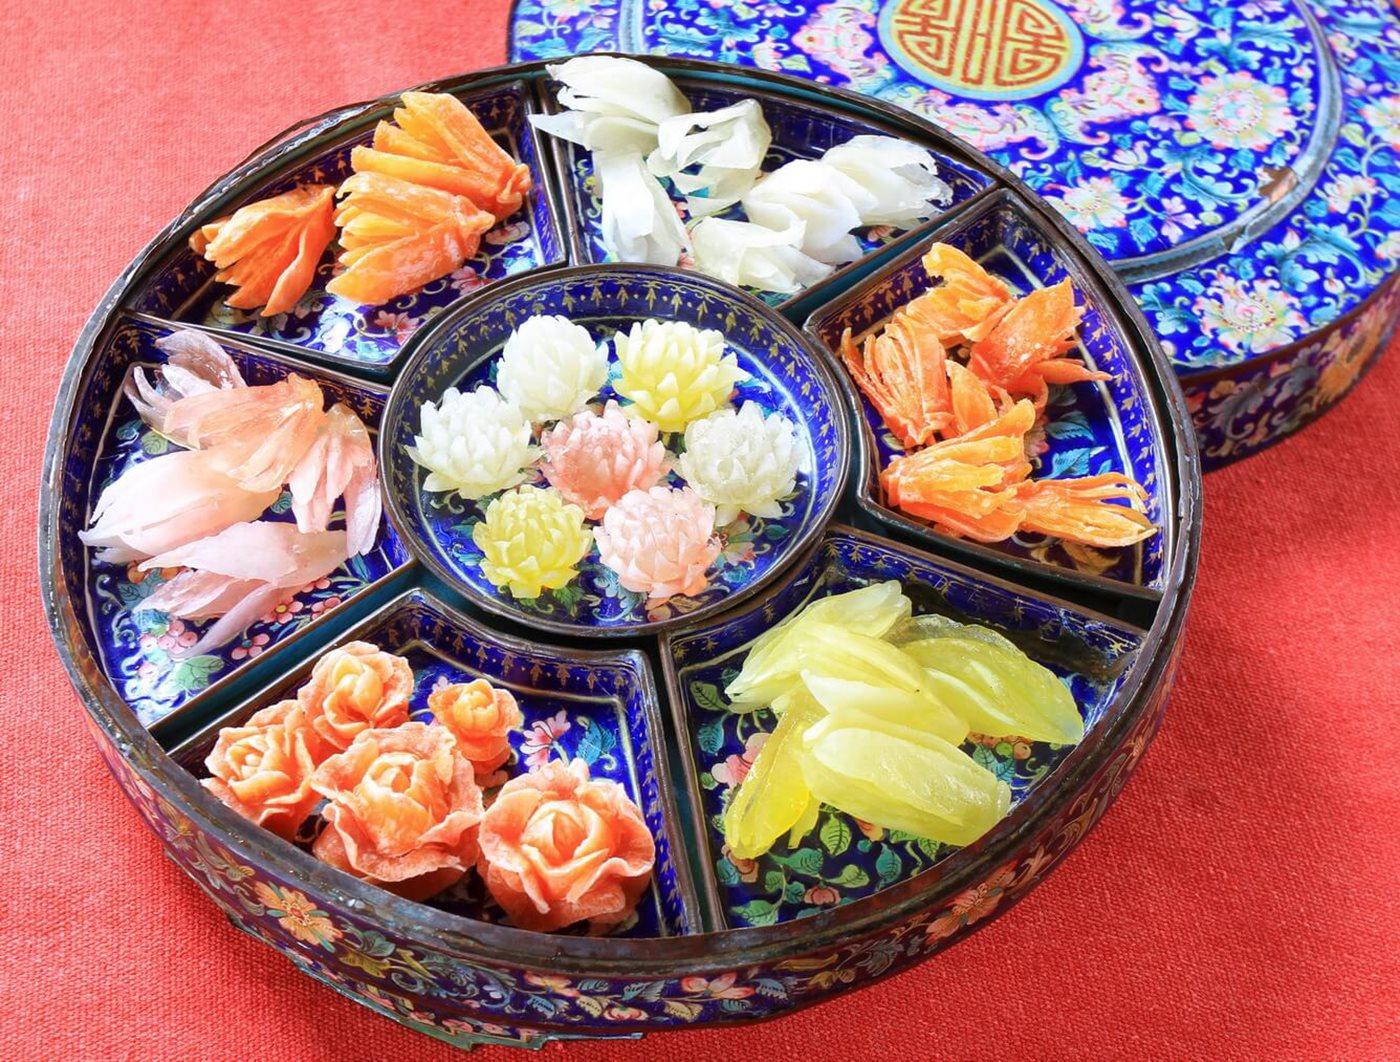 Cách lựa chọn các loại mứt, bánh kẹo an toàn cho Tết Kỷ Hợi